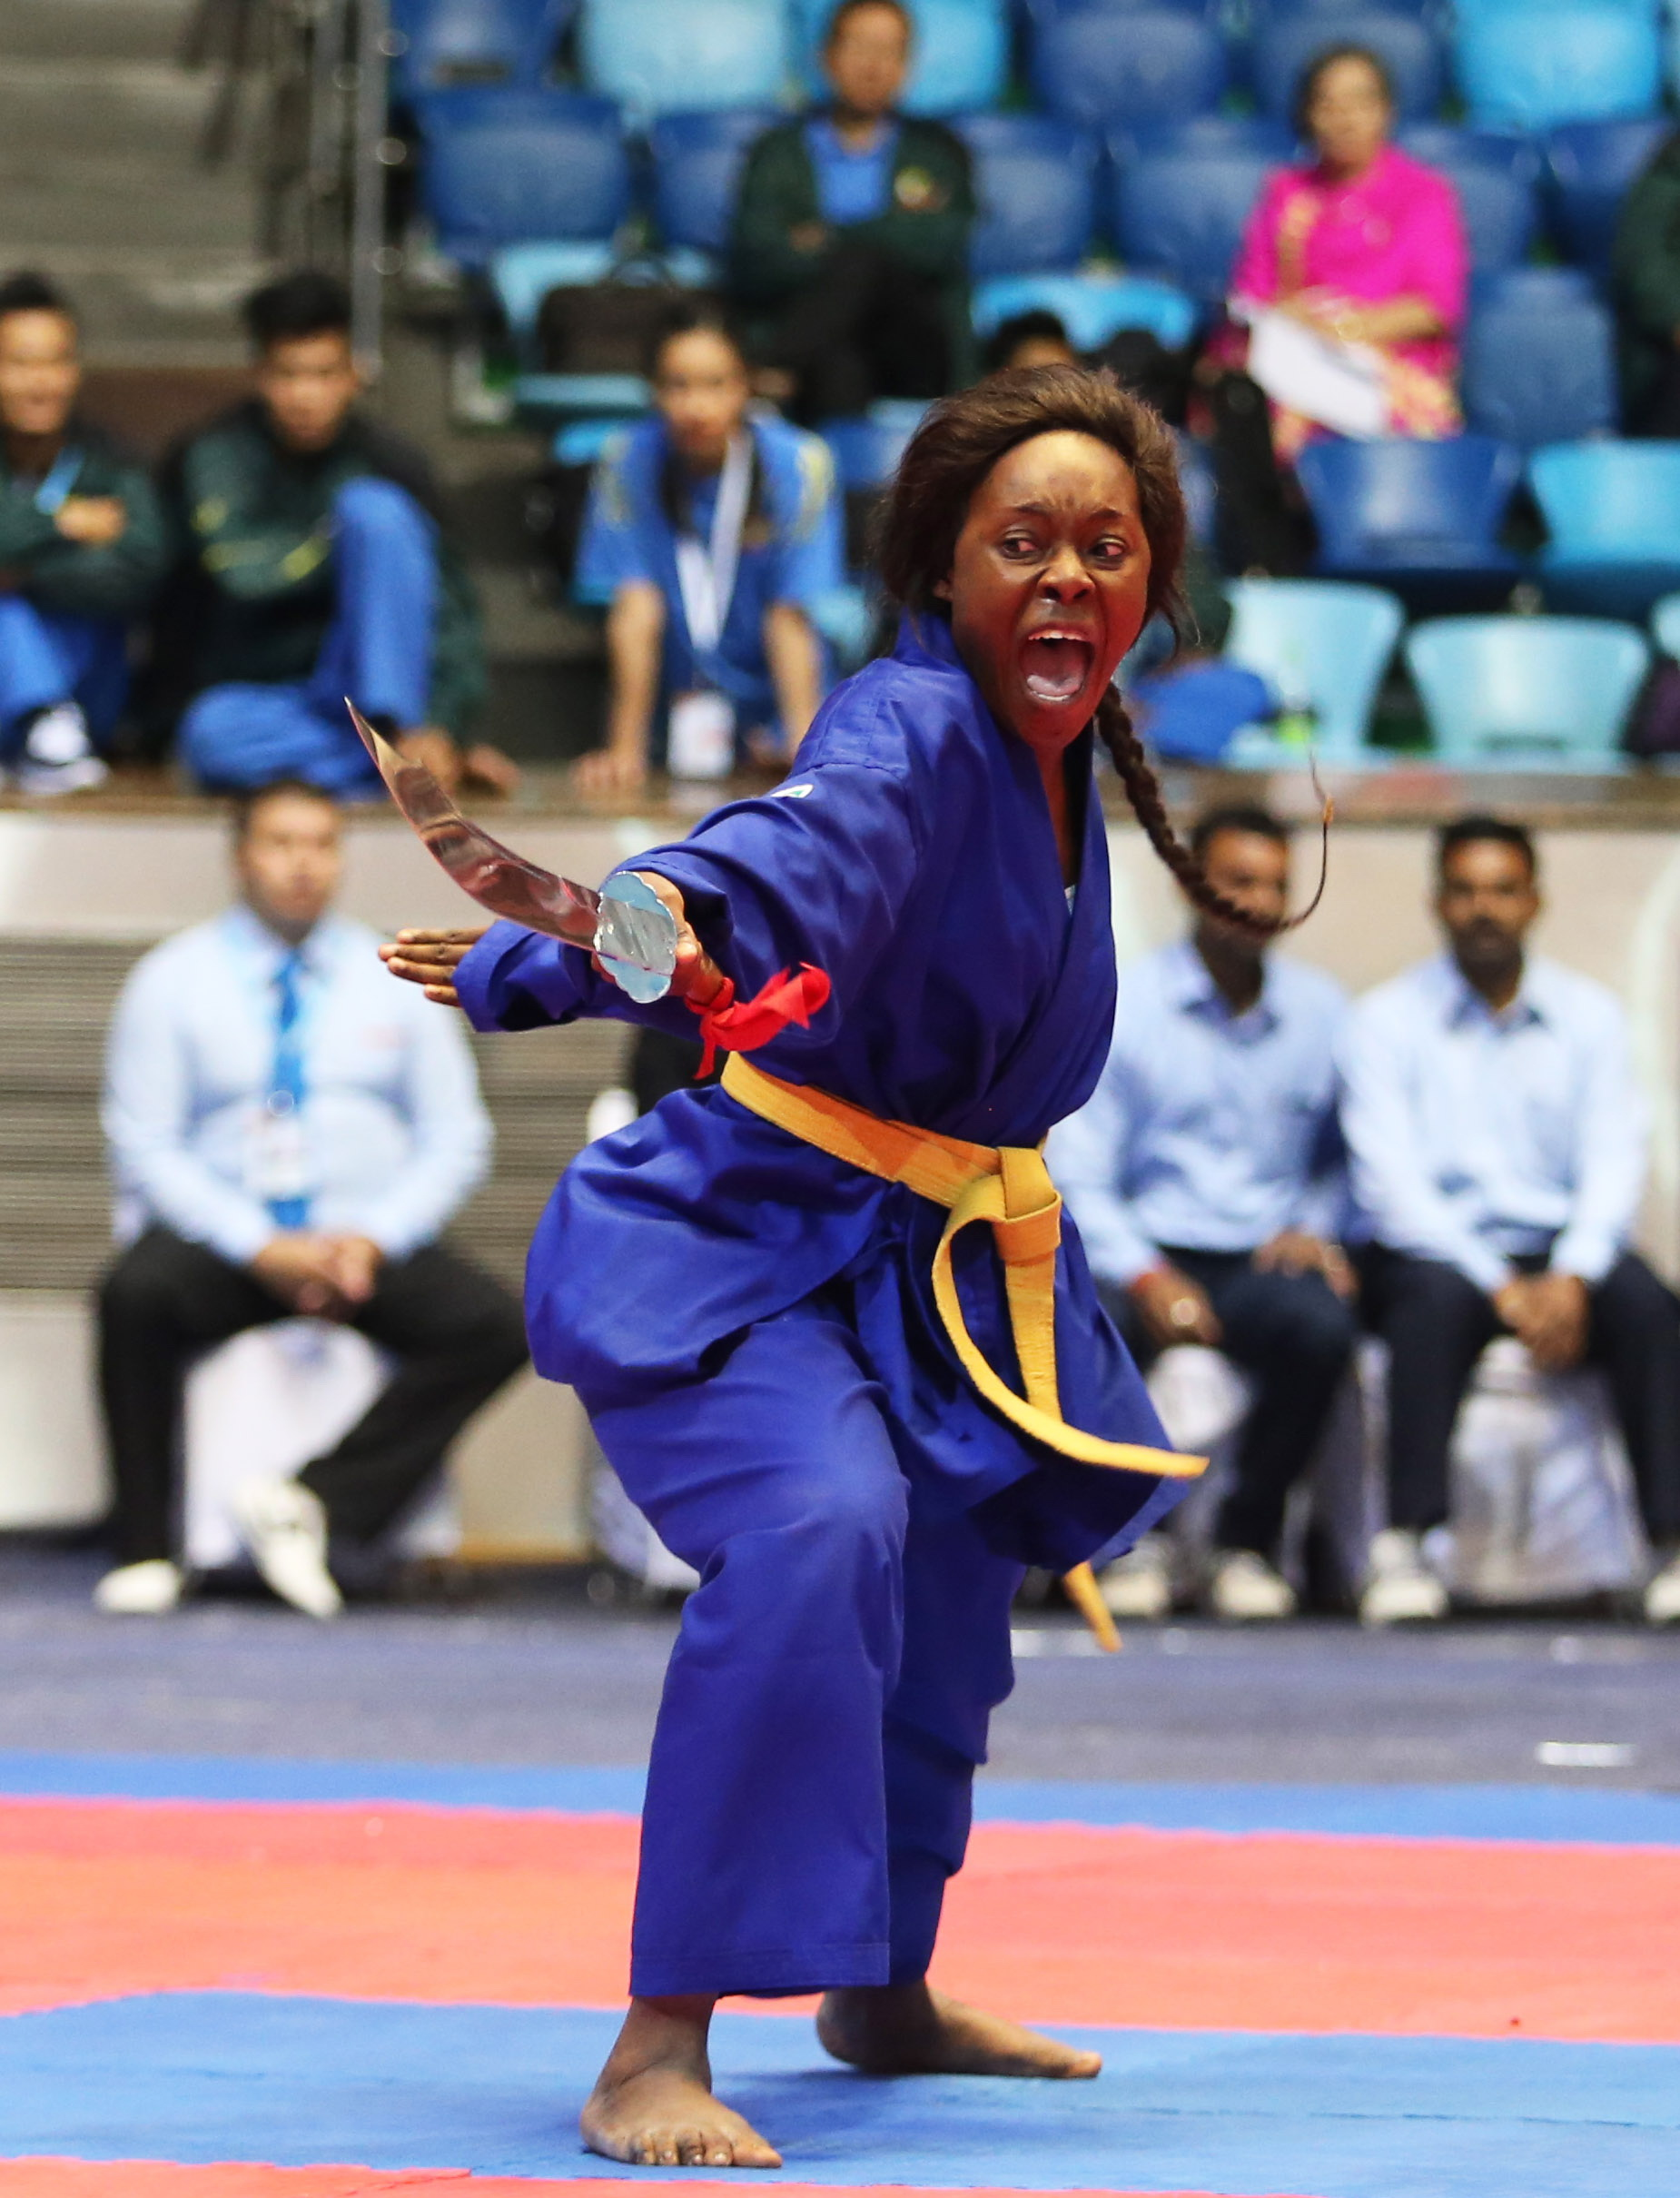 Nữ VĐV người Bờ Biển Ngà thi đấu tại Giải vovinam thế giới 2017 ở Ấn Độ Ảnh: GIANG LÊ